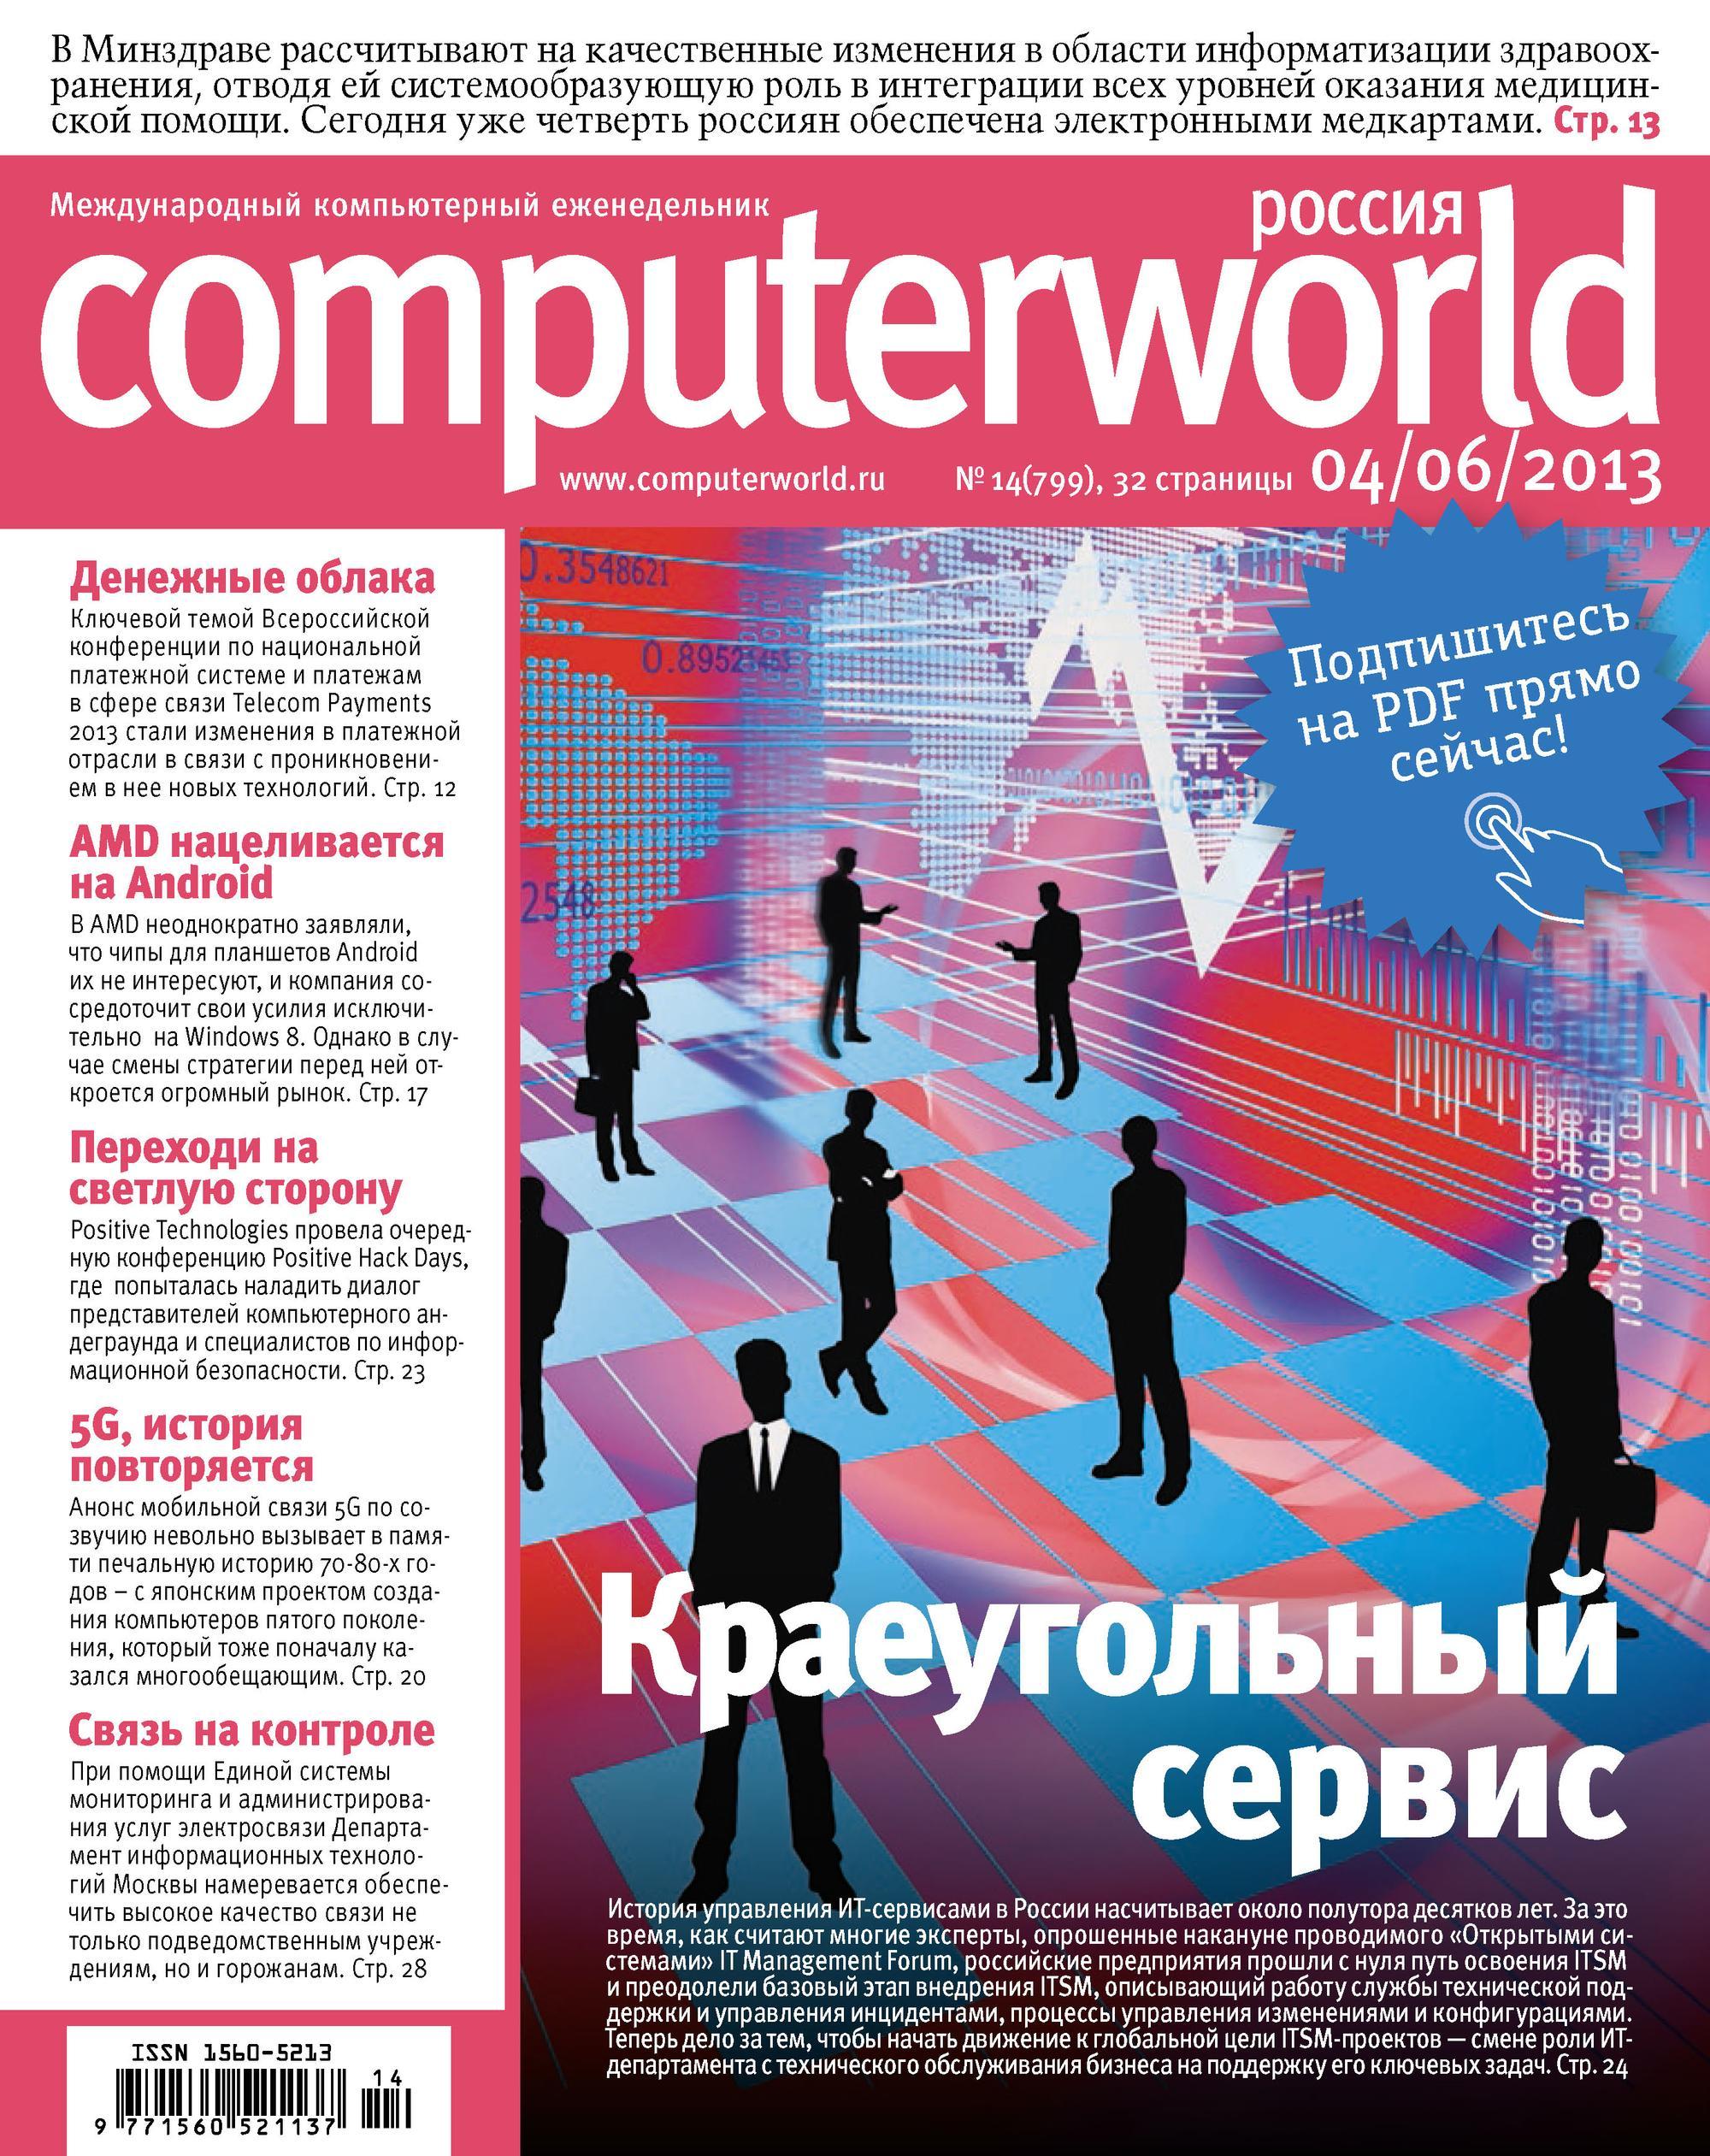 Открытые системы Журнал Computerworld Россия №14/2013 hack